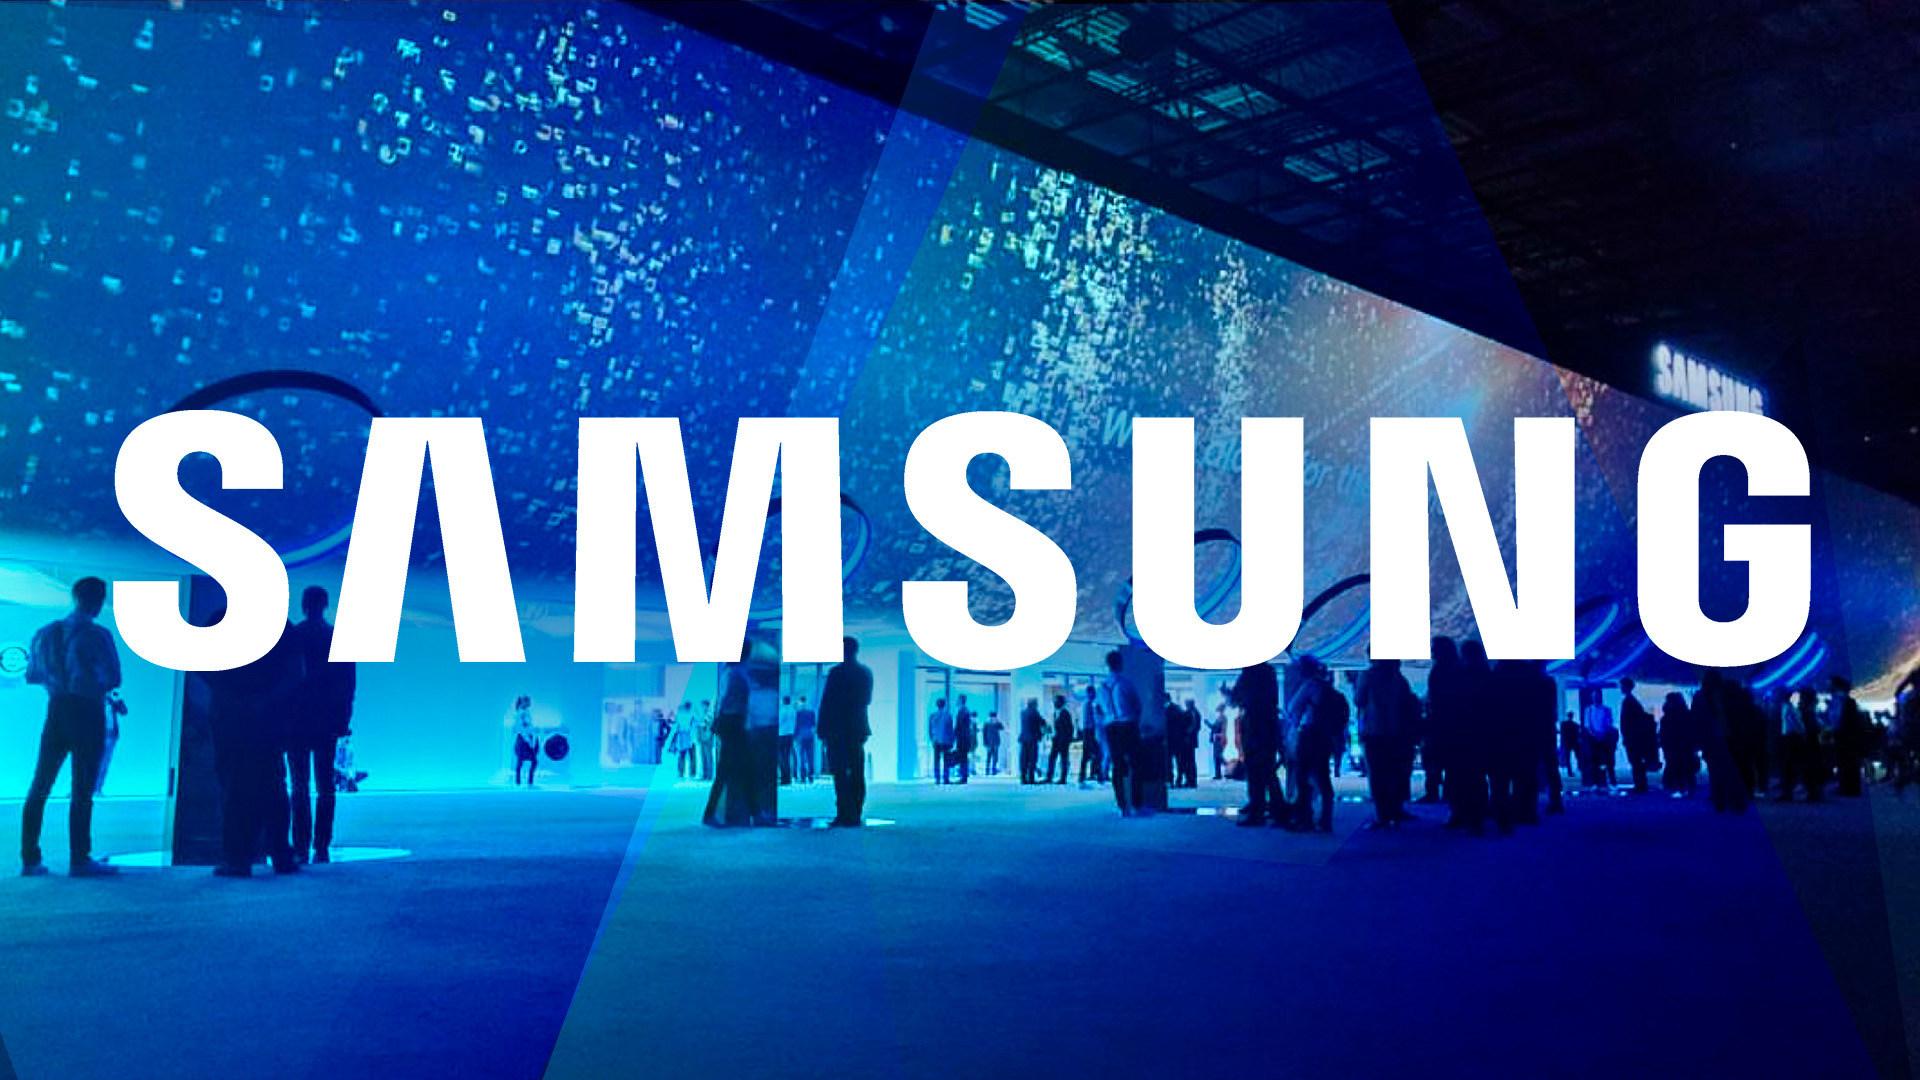 Samsung, Logo, Galaxy, Launch, Ceo, Event, Keynote, Vorstellung, Samsung Mobile, Livestream, Samsung Electronics, Einladung, Neuvorstellung, Veranstaltung, Events, Samsung Display, Neuheiten, Bühne, Redner, Produktneuheit, Event-Einladung